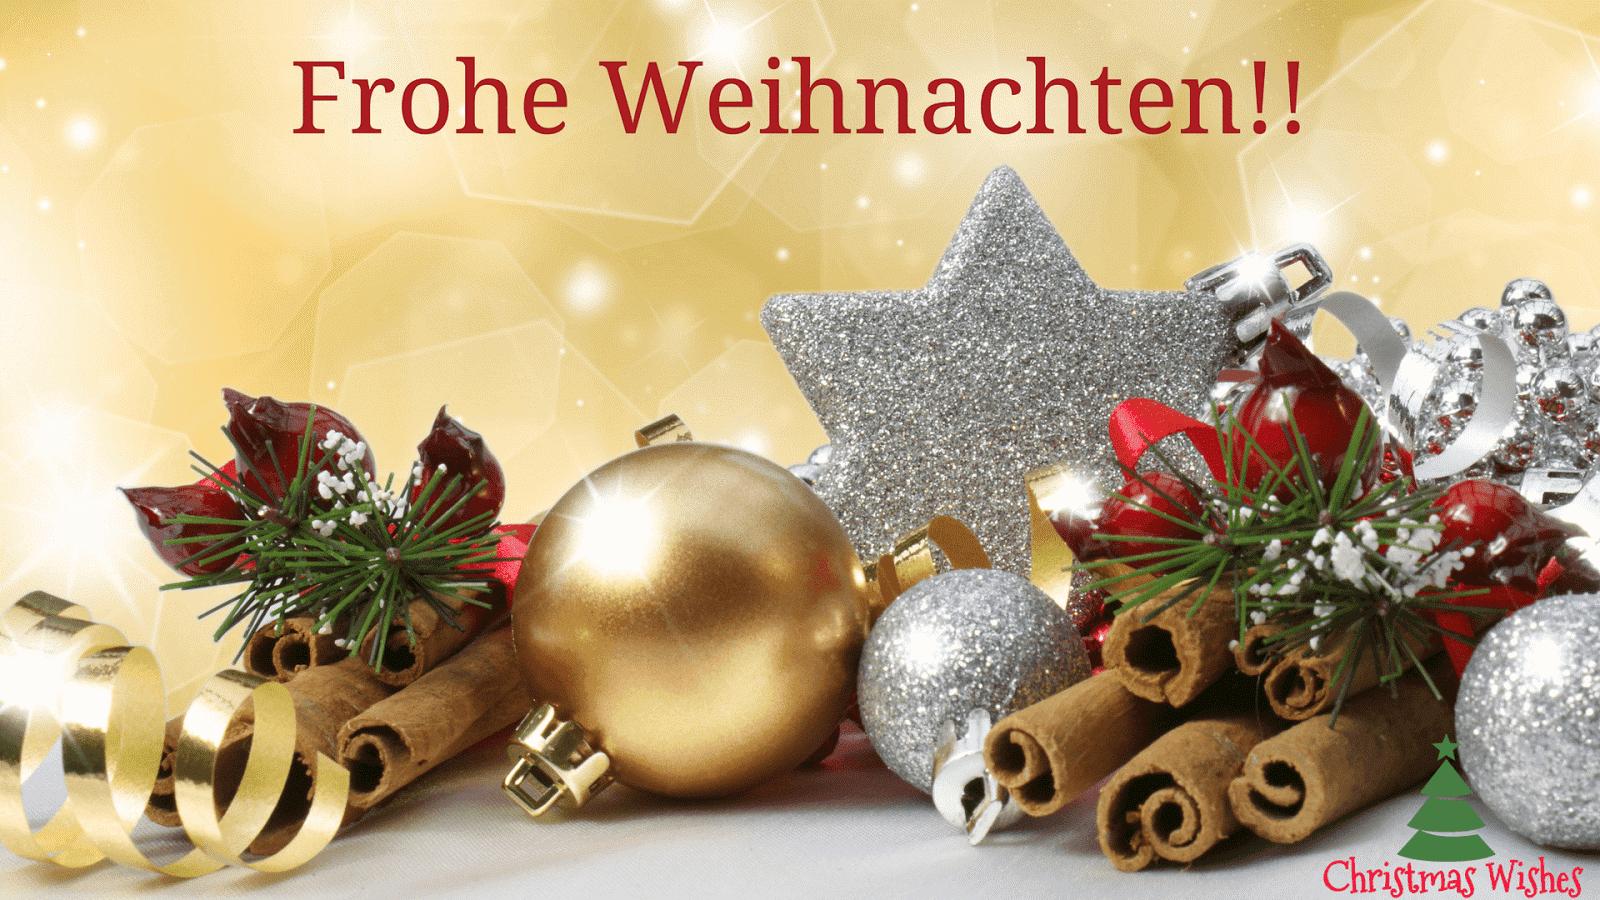 Frohes Weihnachten Und Neues Jahr 2019 20 Silvester Wunsche